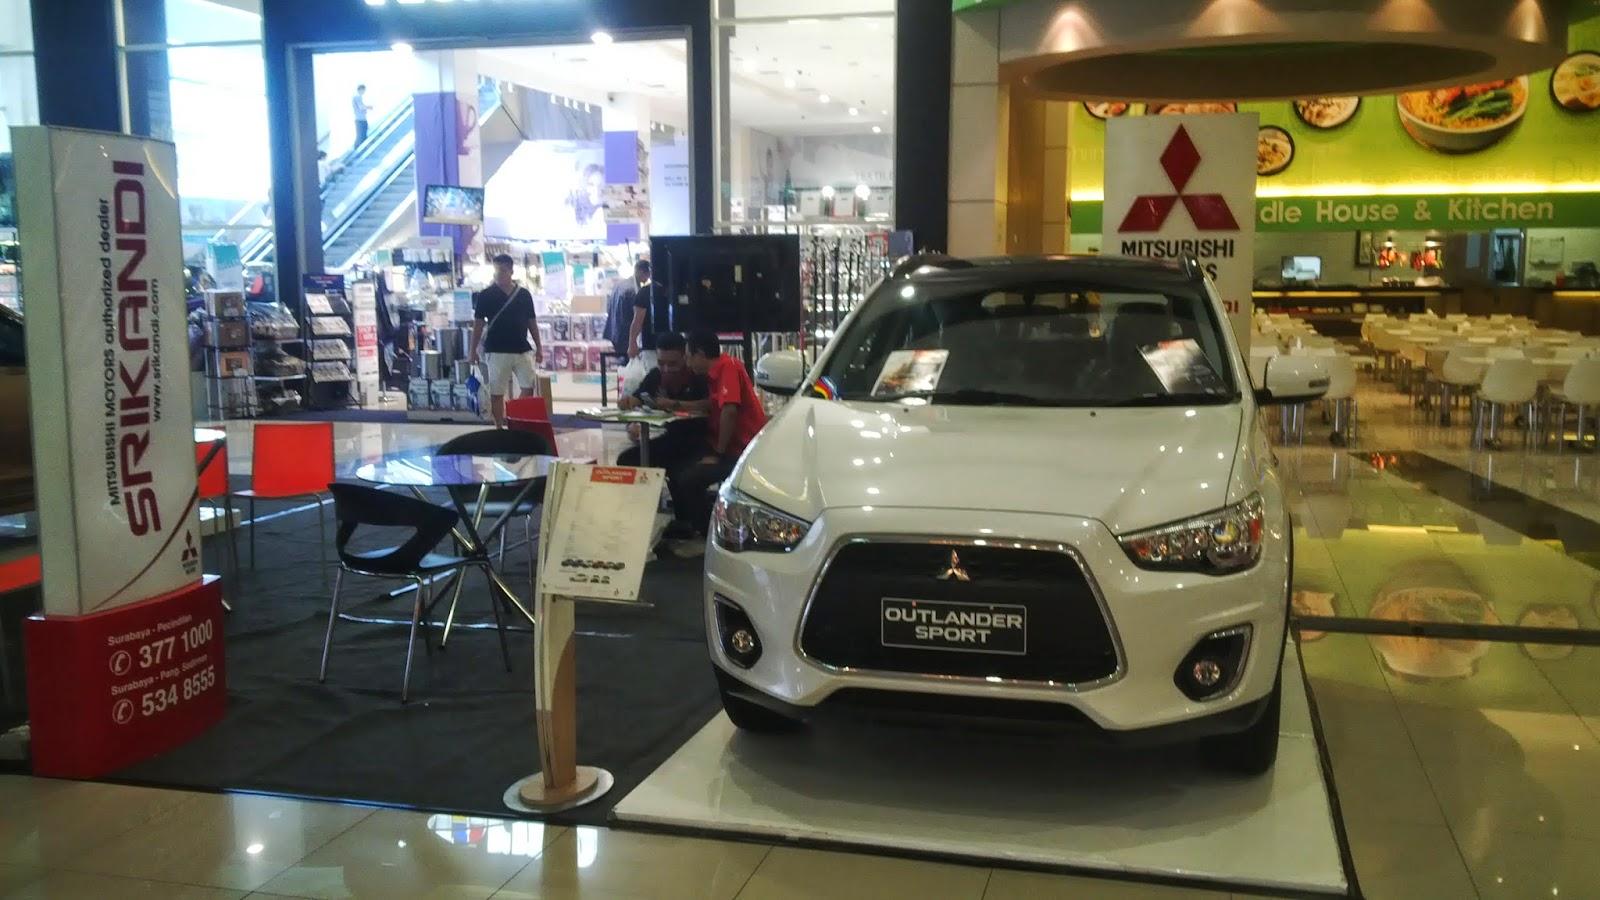 Mitsubishi Dealer Link >> Dealer Mitsubishi Surabaya Cash & Kredit Promo Harga Mobil: Pameran Mobil Mitsubishi : Hypermart ...